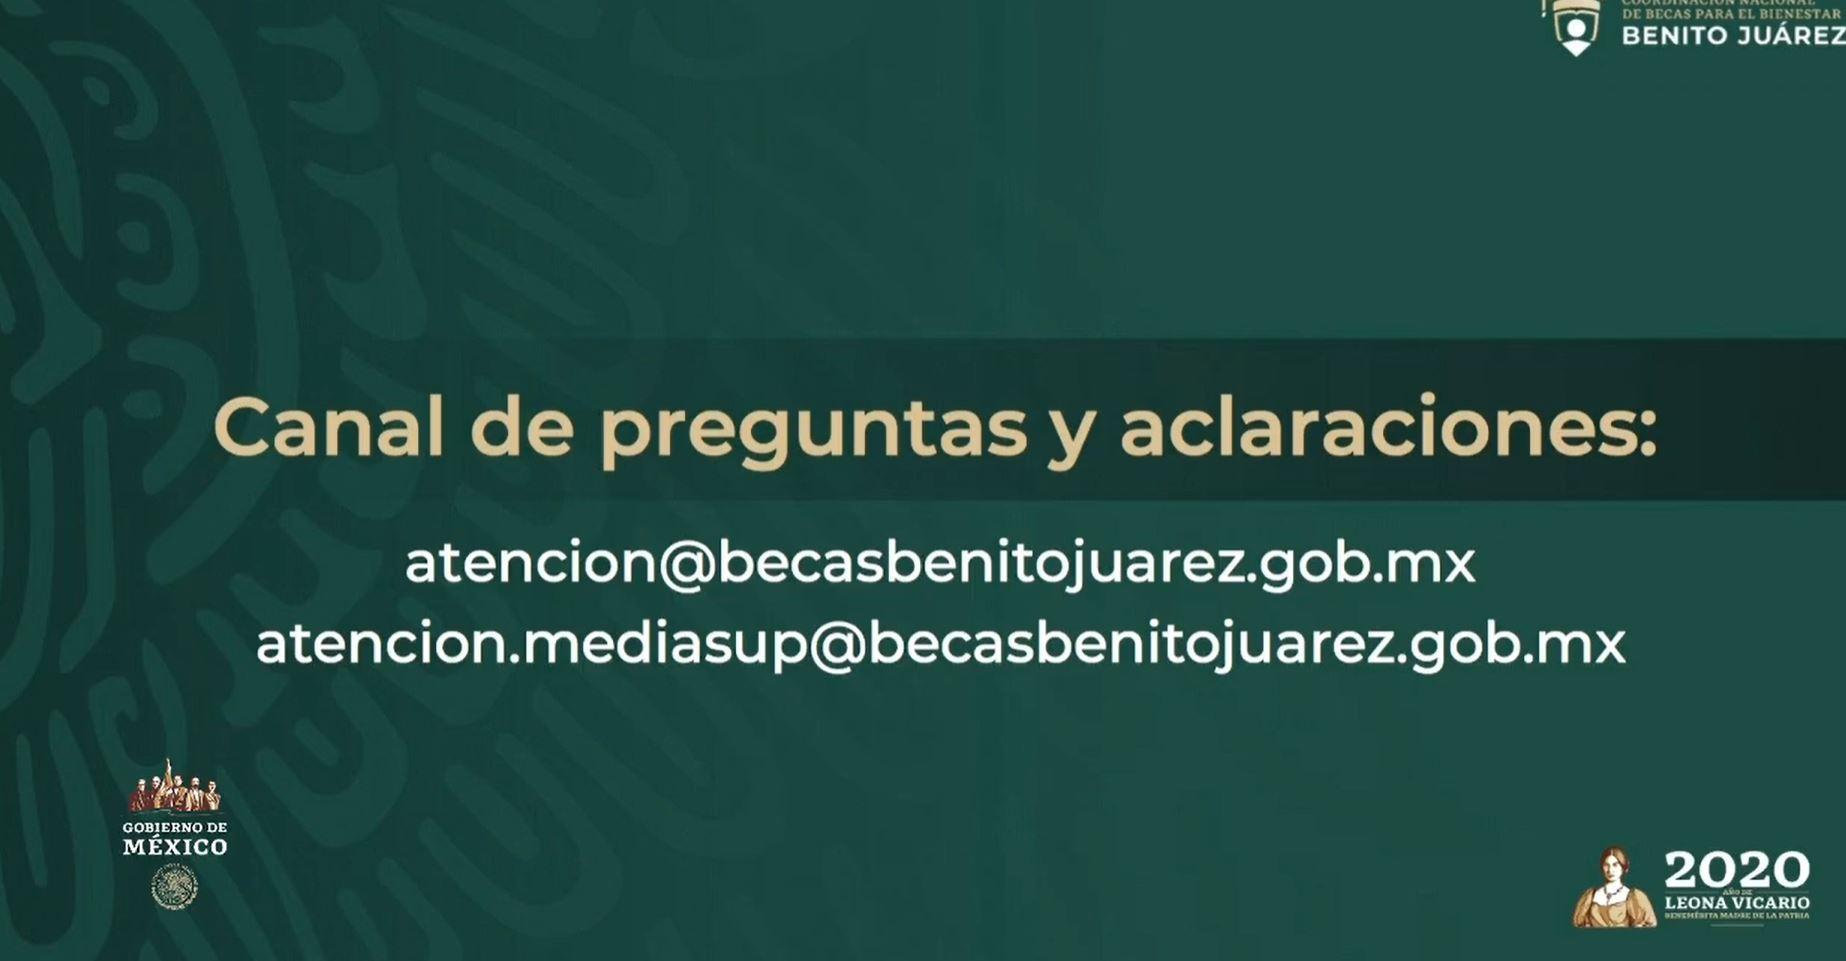 bienestar-azteca-todo-sobre-las-becas-benito-juarez3